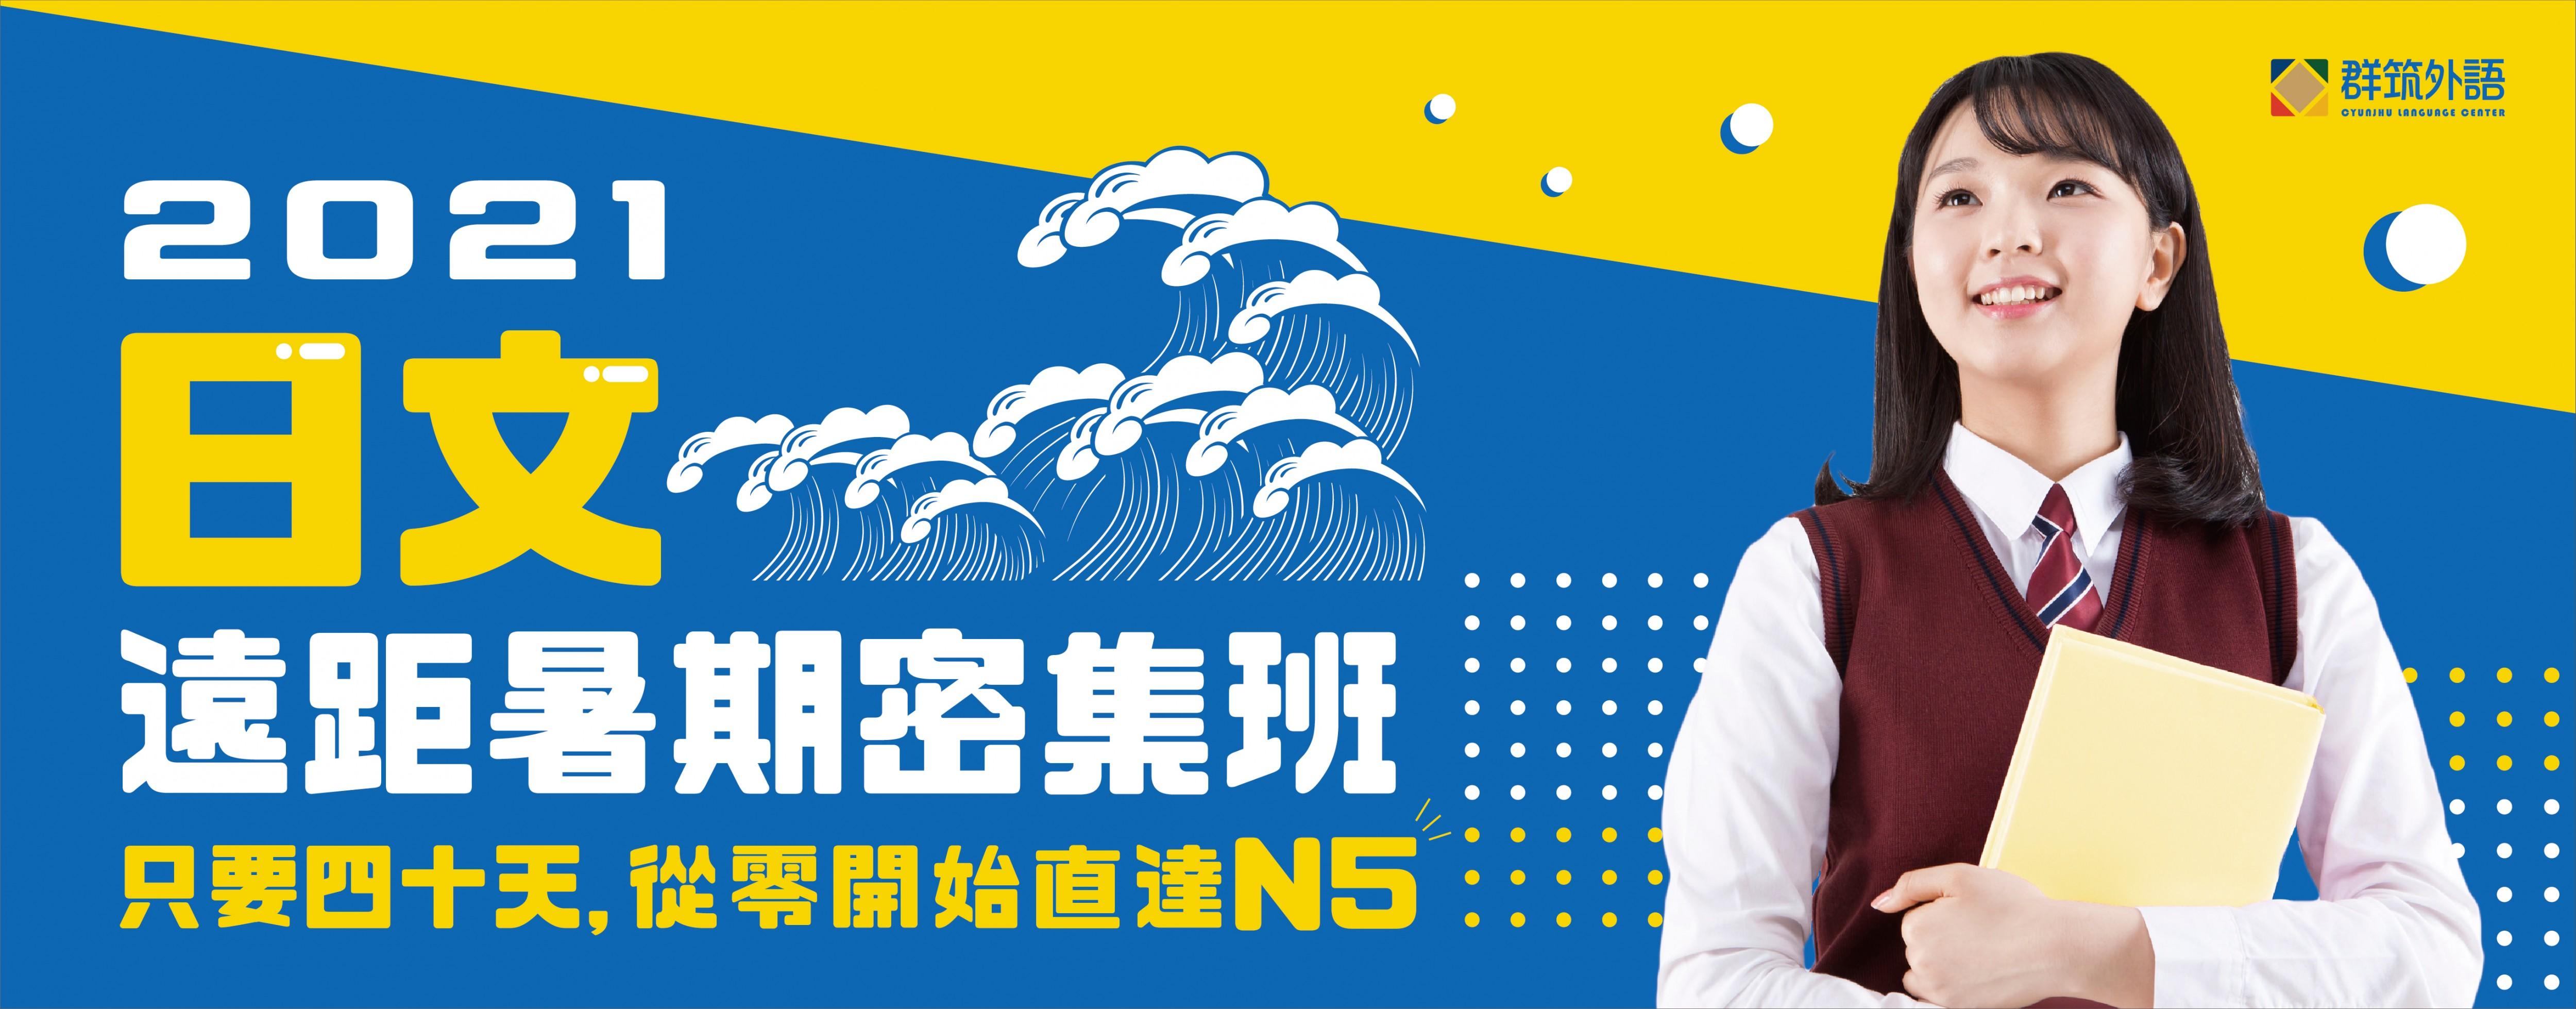 群筑外語-暑期密集 初級日語班 1.5個月從零基礎直達日檢N5